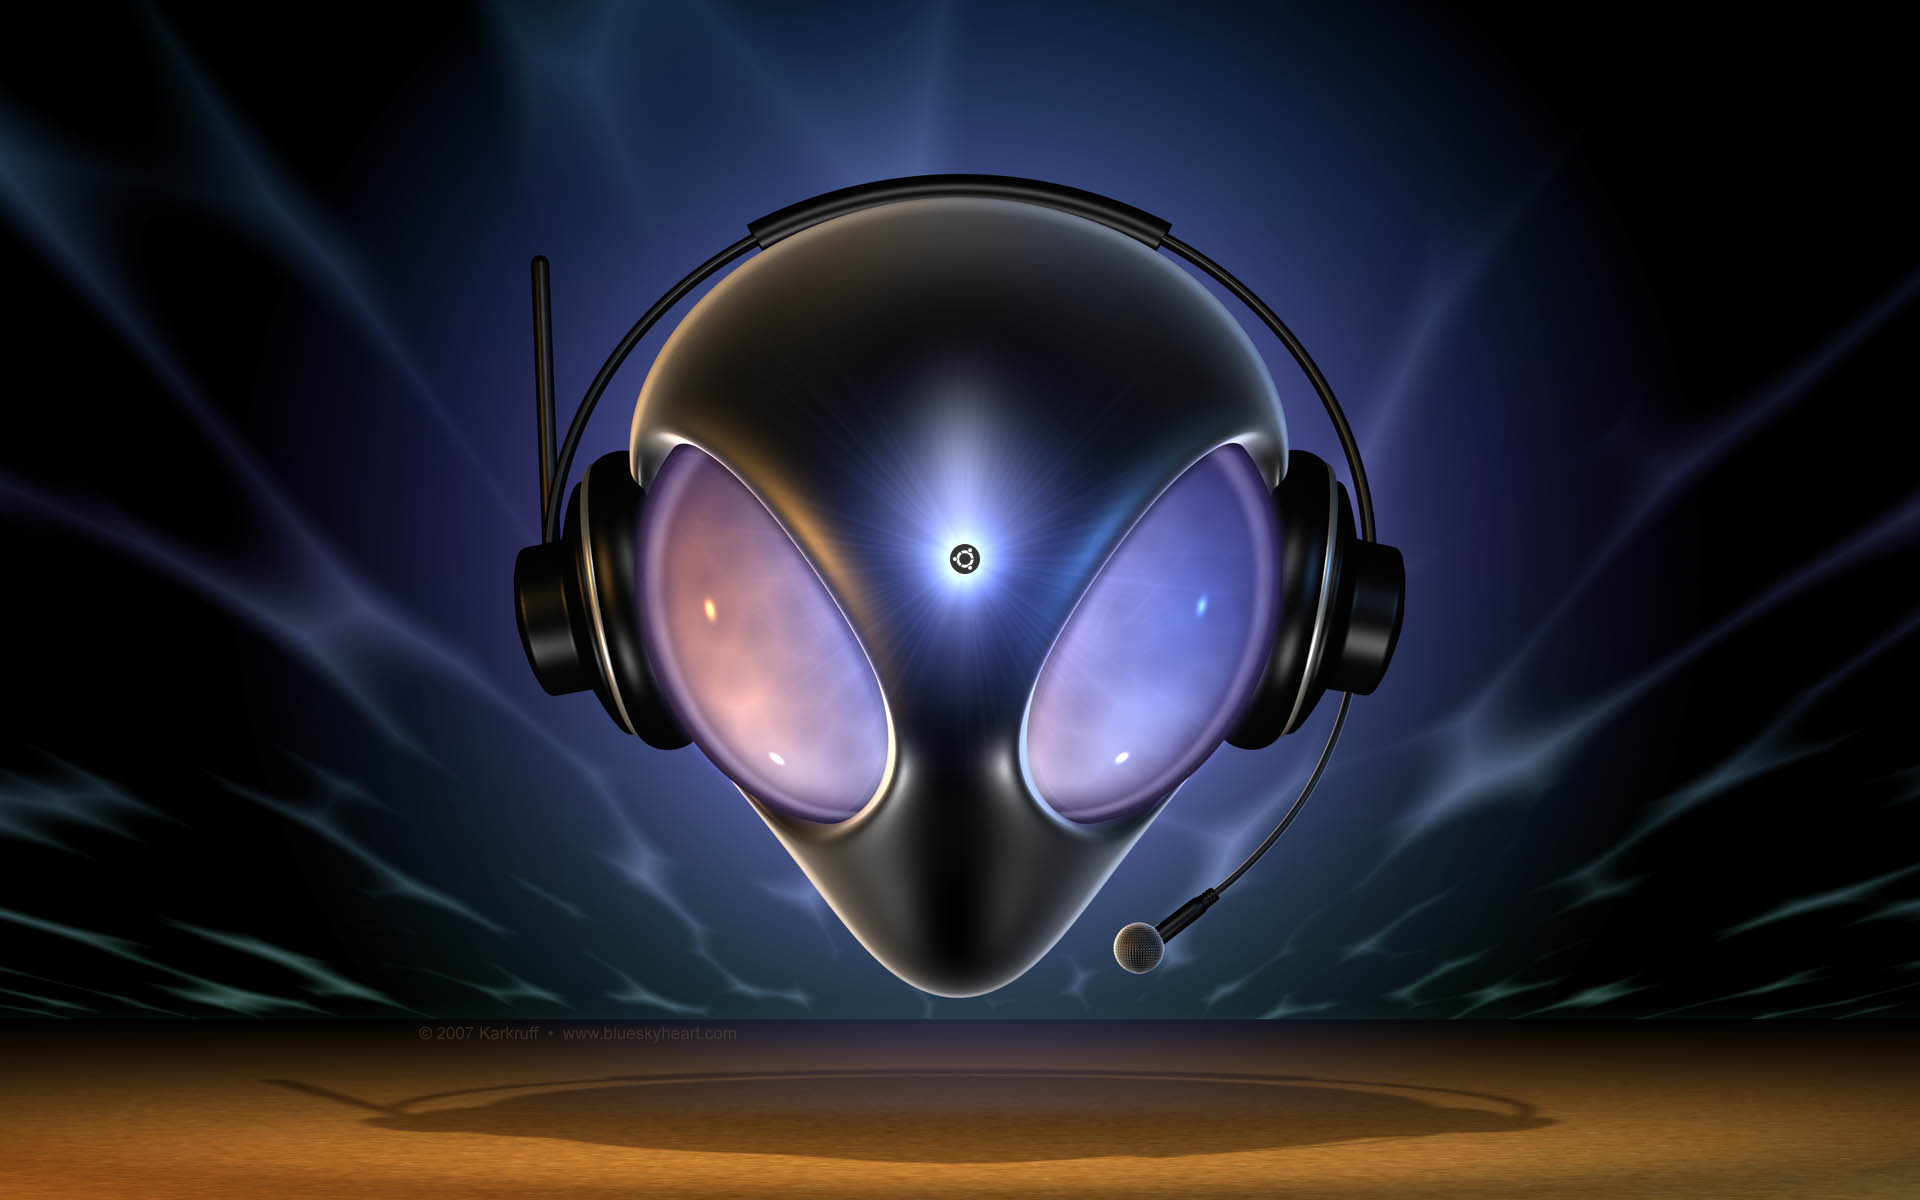 Alien Vs Predator Wallpaper Hd Alien Wallpaper HD - W...